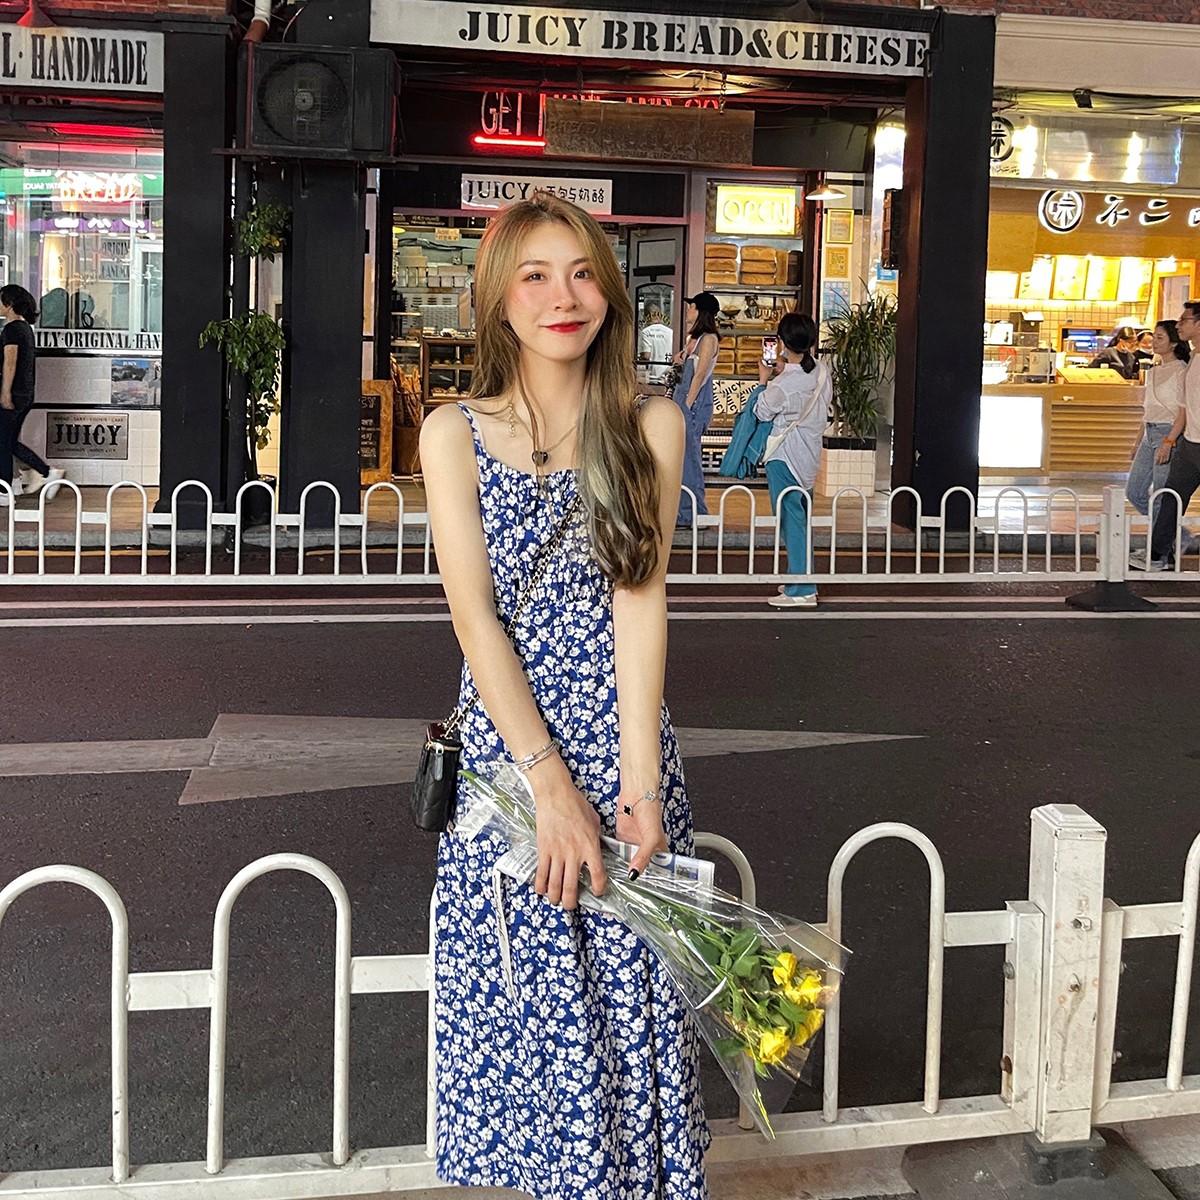 蓝色碎花连衣裙 WHYSTUDIO 复古蓝色碎花吊带连衣裙女长款2021夏季新款小个子长裙_推荐淘宝好看的蓝色碎花连衣裙